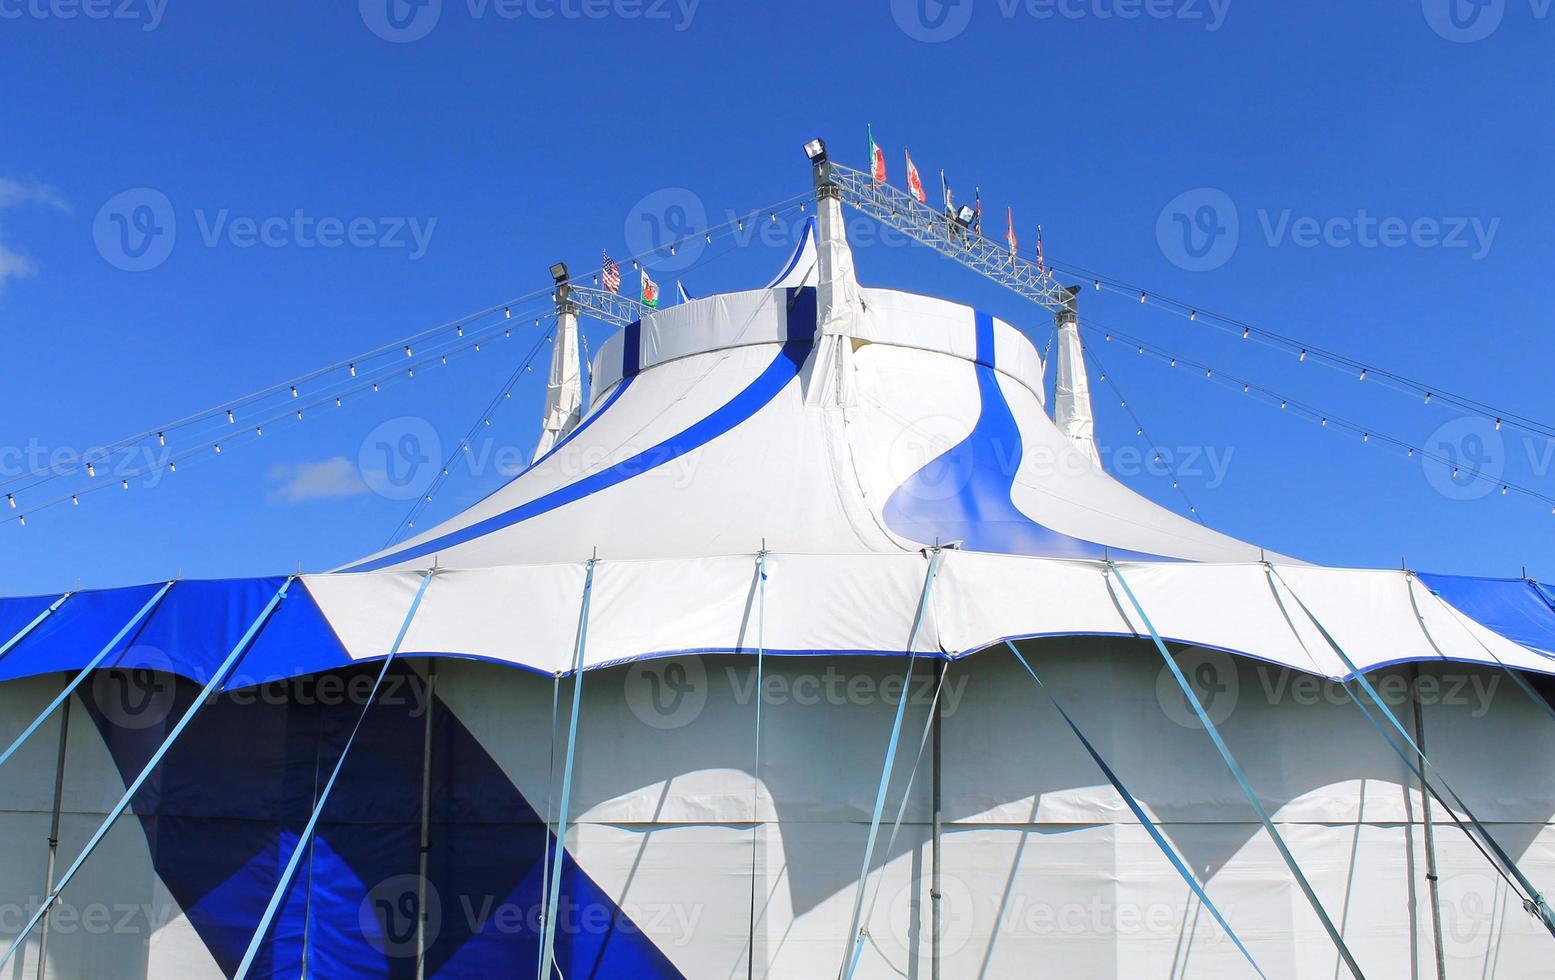 chapiteau de cirque chapiteau bleu et blanc photo